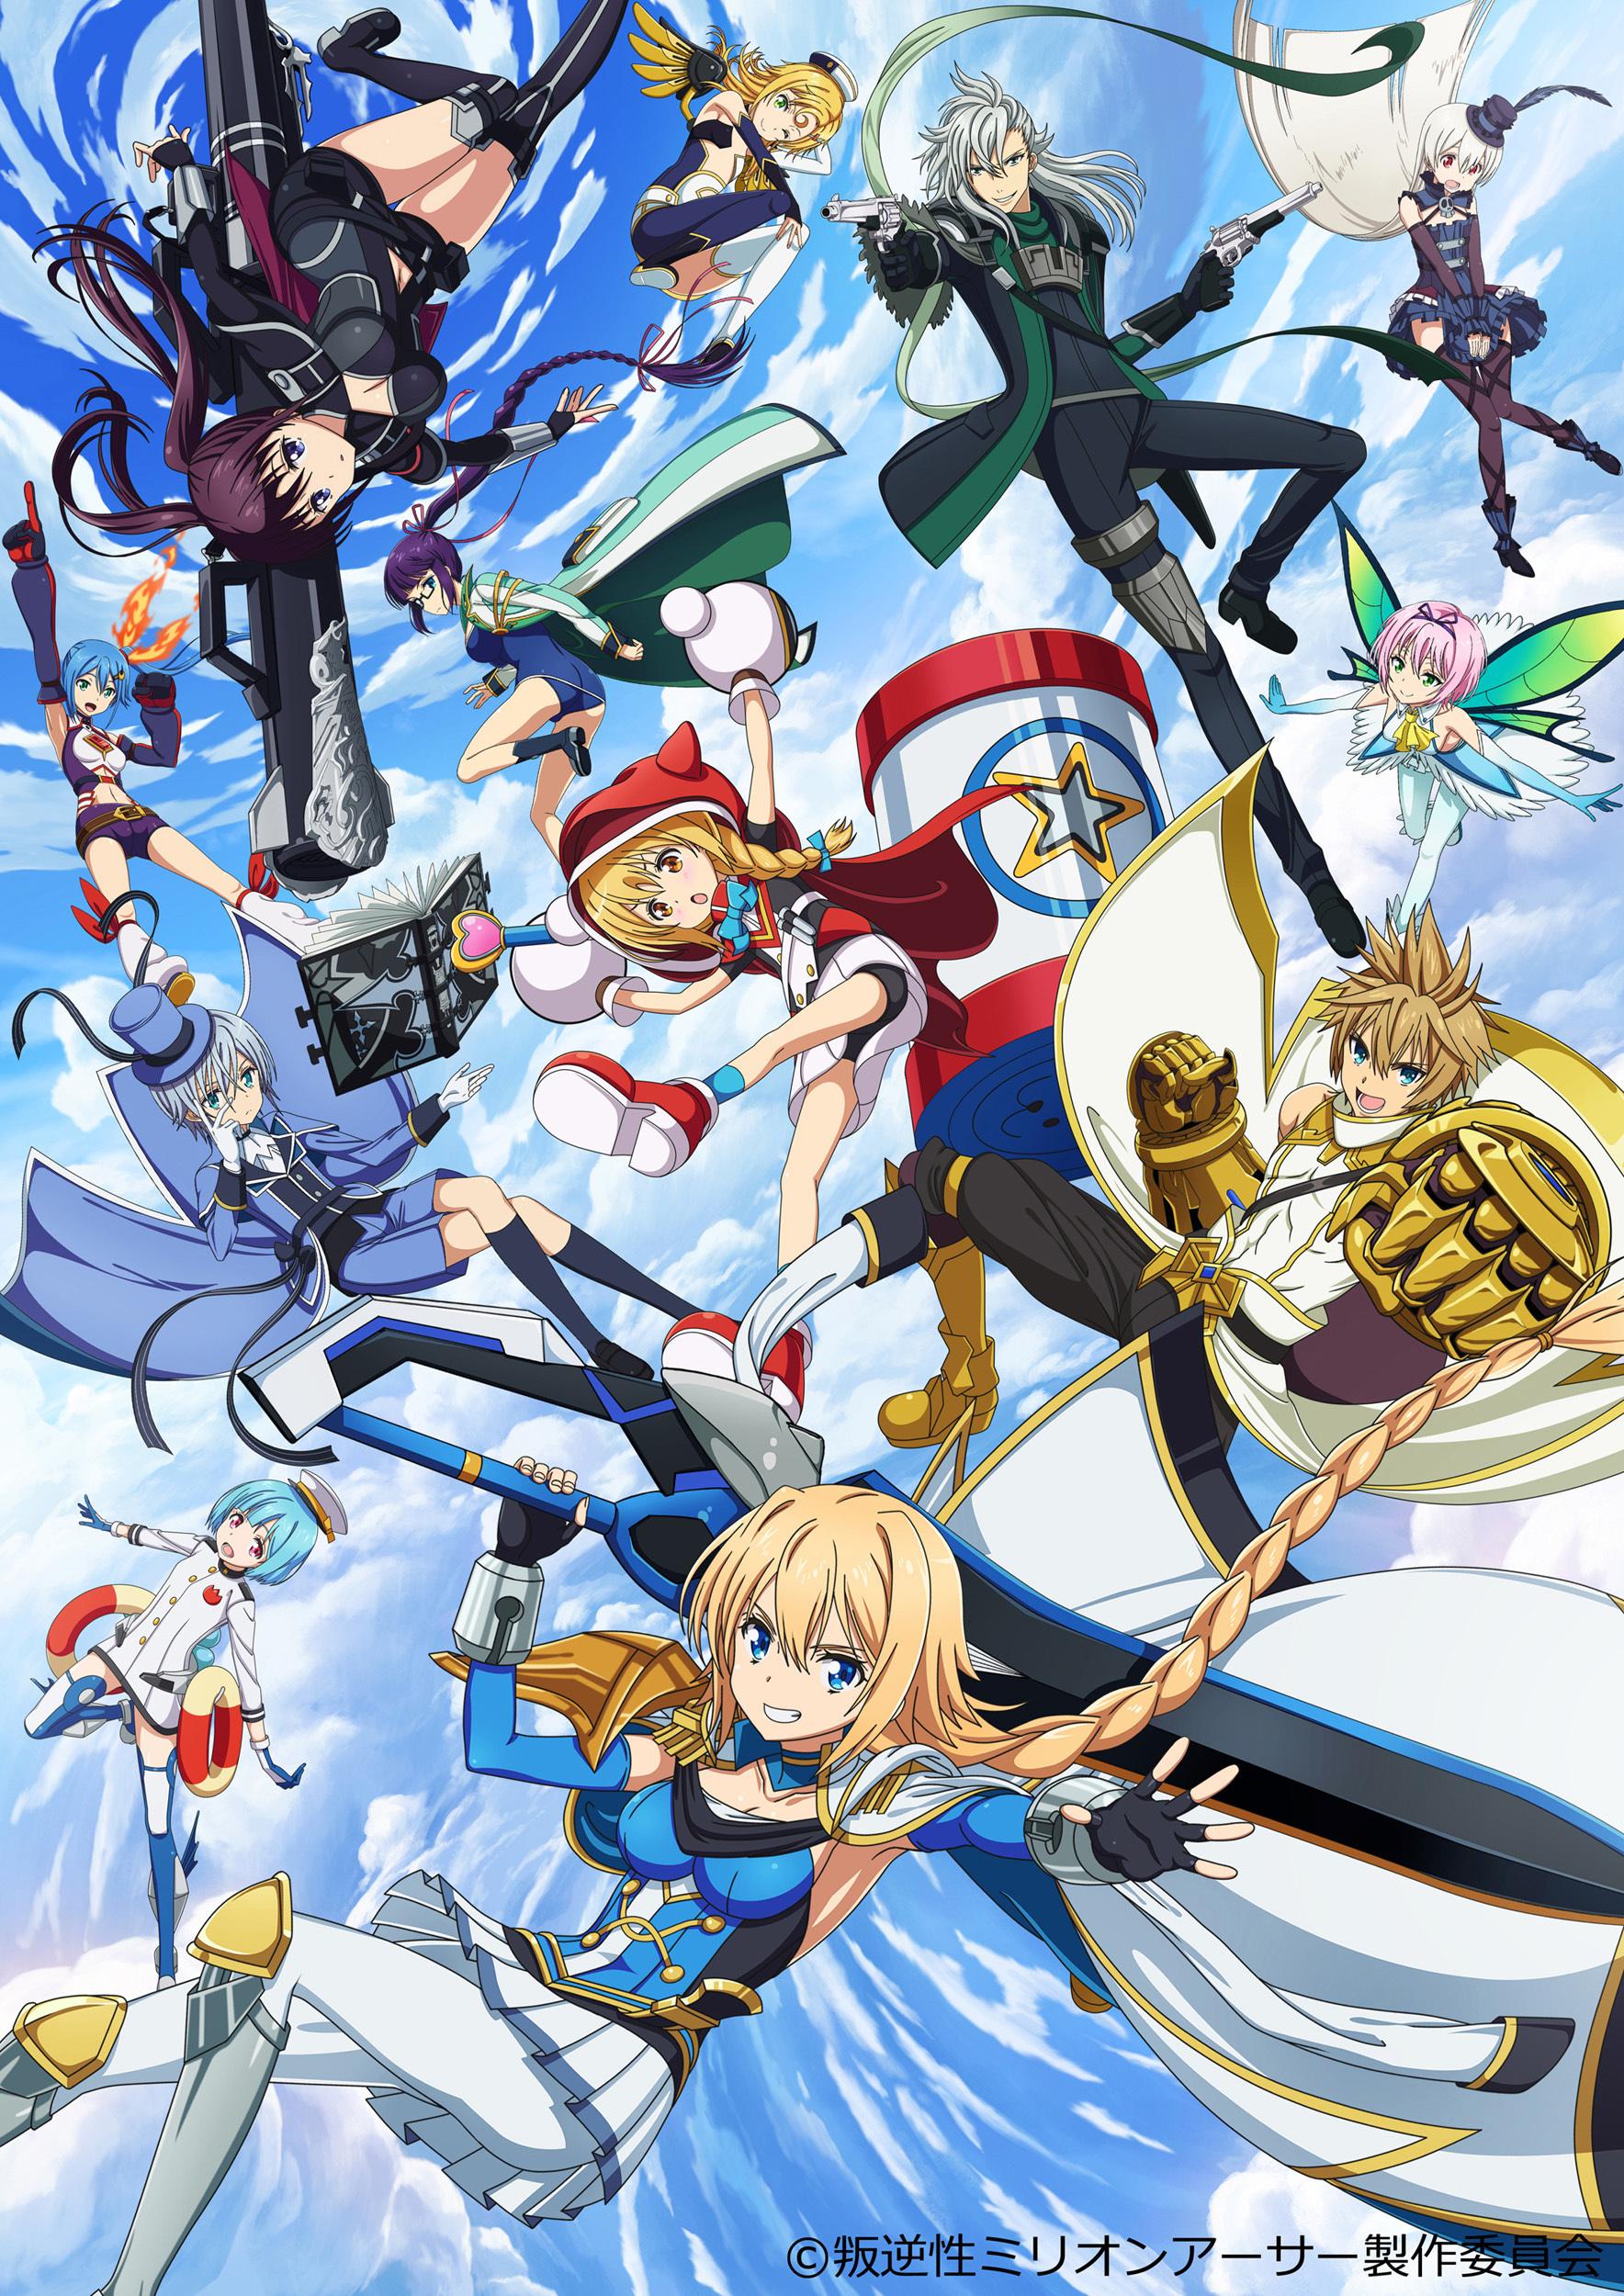 TVアニメ『叛逆性ミリオンアーサー』キービジュアル (C)叛逆性ミリオンアーサー製作委員会